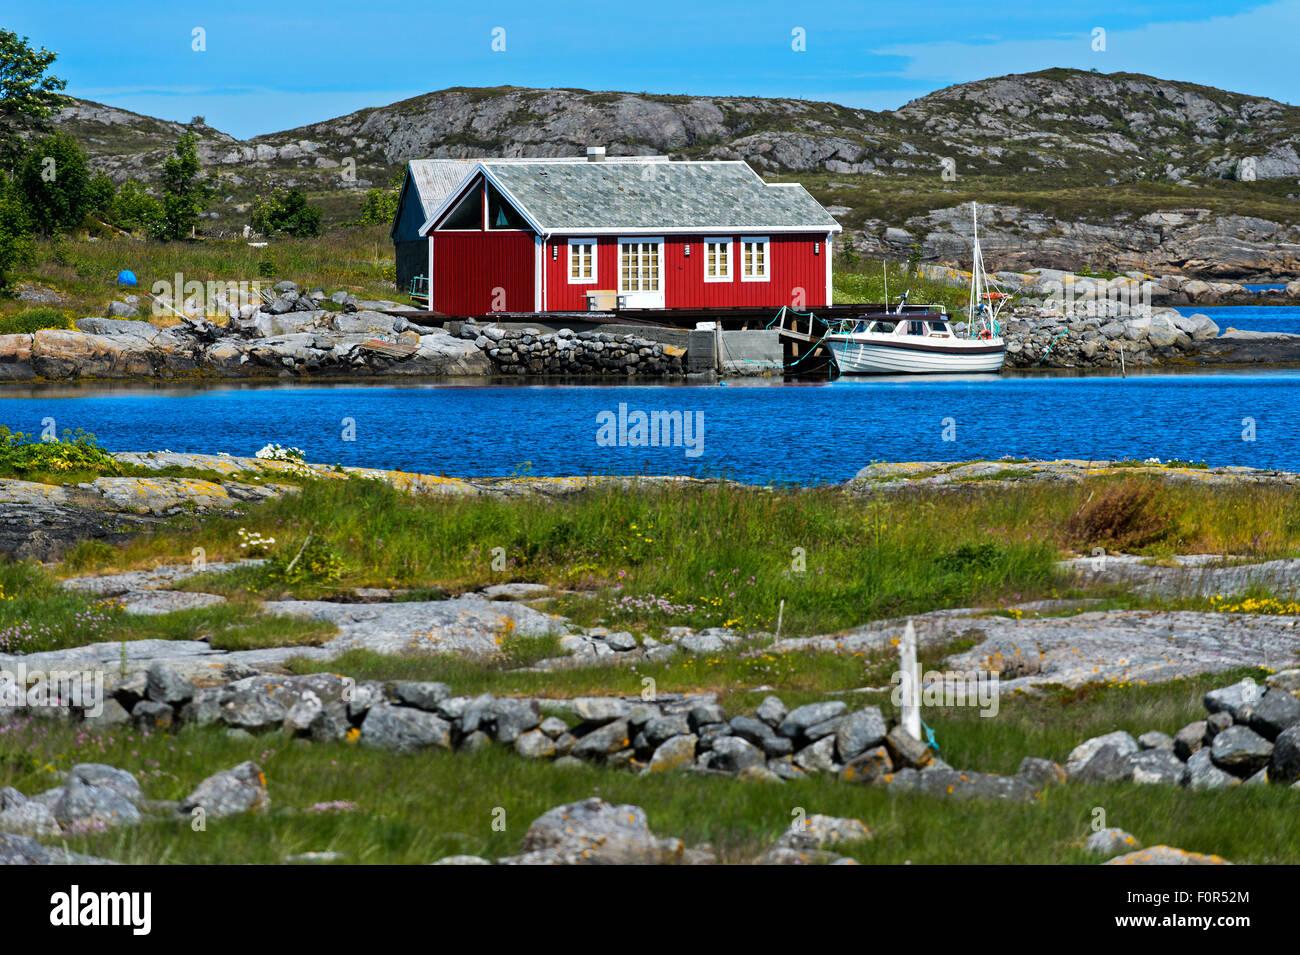 Maison rouge par un fjord, Møre og Romsdal (Norvège) Photo Stock